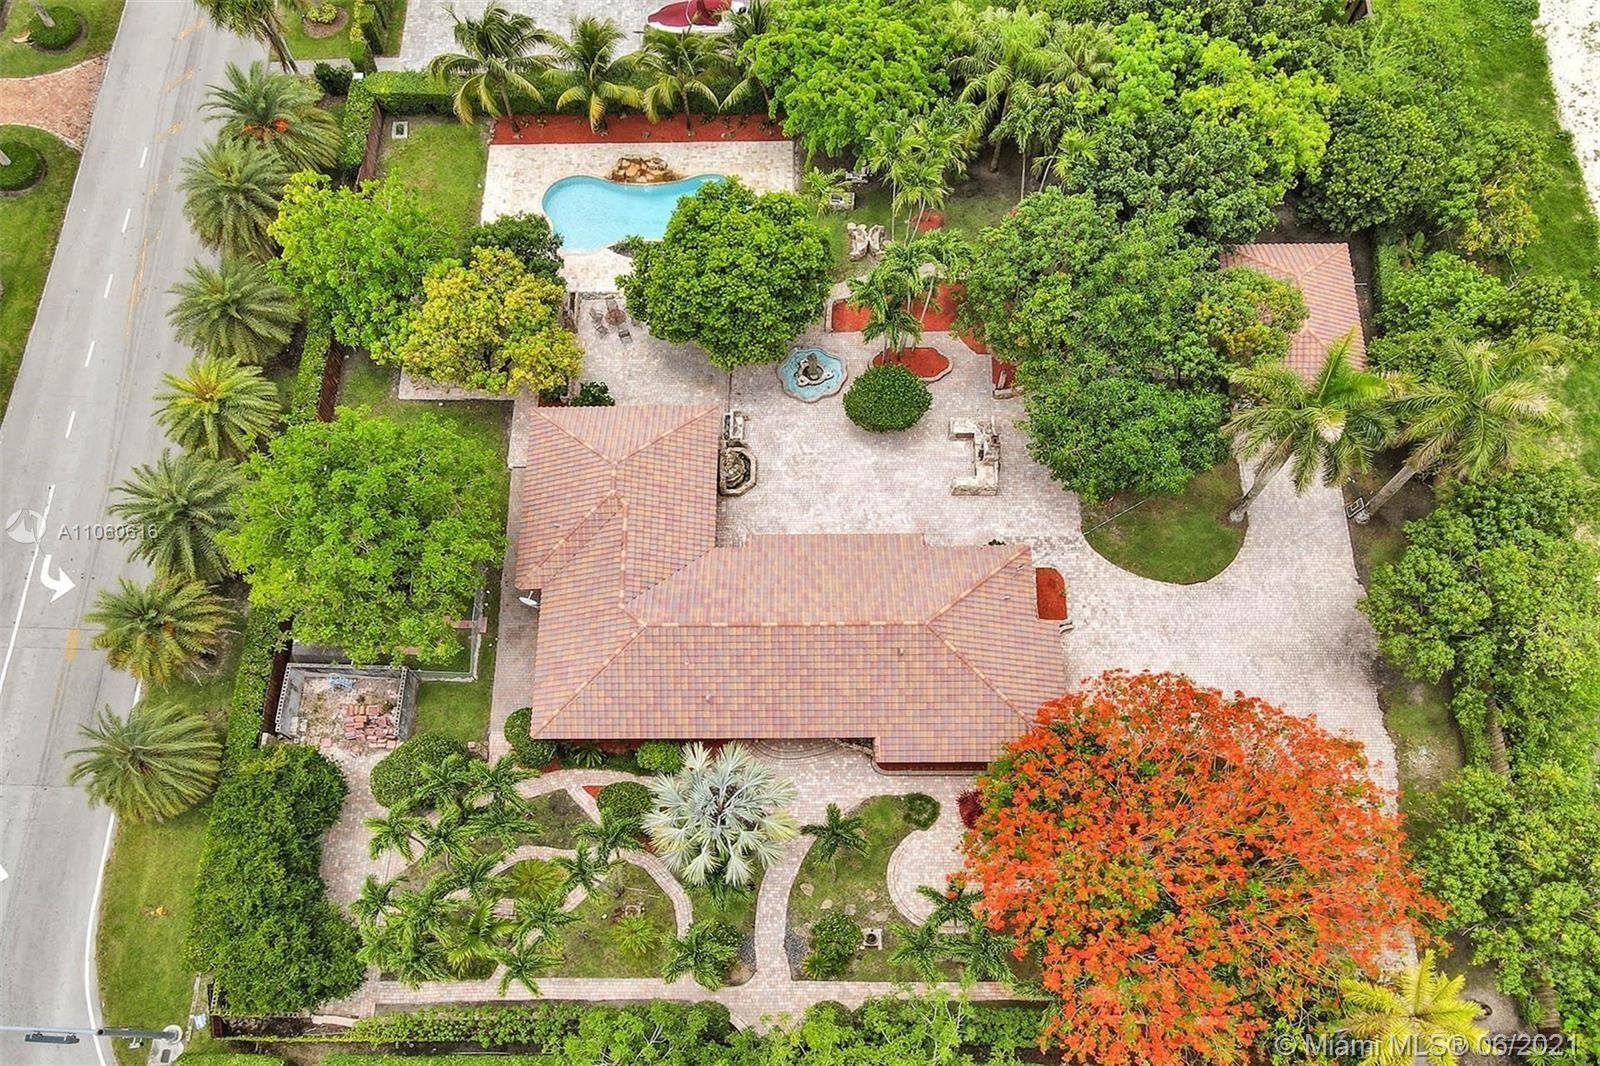 9700 SW 136th St, Miami, FL 33176 - #: A11060616